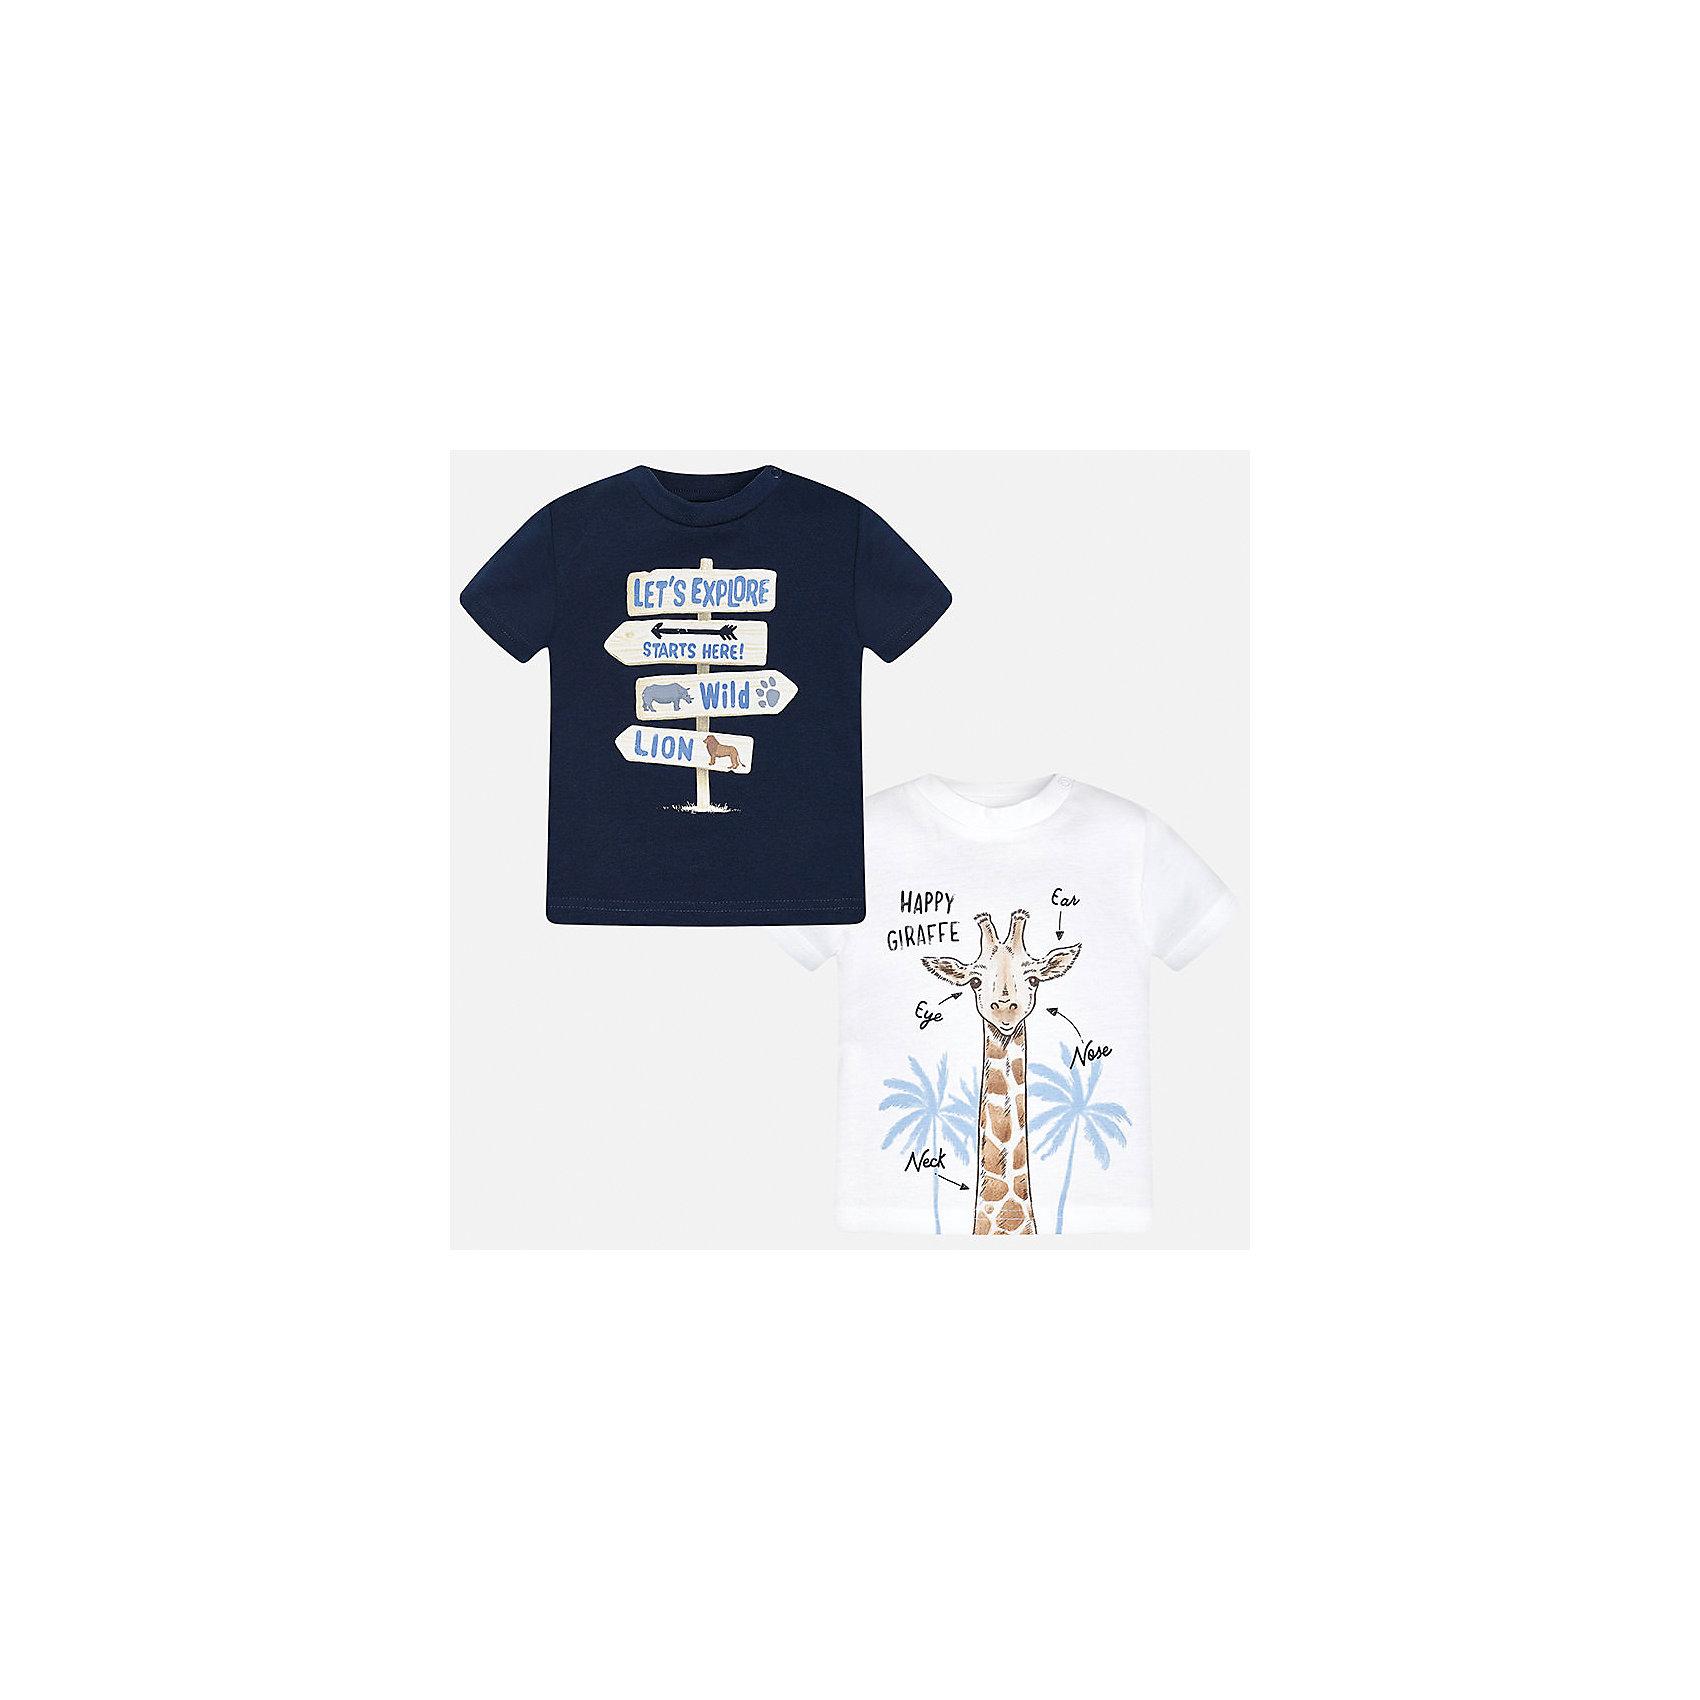 Футболка (2 шт.) для мальчика MayoralФутболки, поло и топы<br>Характеристики товара:<br><br>• цвет: белый/синий<br>• состав: 100% хлопок<br>• комплектация: 2 шт<br>• круглый горловой вырез<br>• декорирована принтом<br>• короткие рукава<br>• мягкая отделка горловины<br>• страна бренда: Испания<br><br>Стильная удобная футболка с принтом поможет разнообразить гардероб мальчика. Она отлично сочетается с брюками, шортами, джинсами.Практичное и стильное изделие! Хорошо смотрится и комфортно сидит на детях. В составе материала - натуральный хлопок, гипоаллергенный, приятный на ощупь, дышащий. В этом наборе - сразу две модные футболки разных расцветок!<br><br>Футболку (2 шт.) для мальчика от испанского бренда Mayoral (Майорал) можно купить в нашем интернет-магазине.<br><br>Ширина мм: 199<br>Глубина мм: 10<br>Высота мм: 161<br>Вес г: 151<br>Цвет: синий<br>Возраст от месяцев: 12<br>Возраст до месяцев: 18<br>Пол: Мужской<br>Возраст: Детский<br>Размер: 86,80,92<br>SKU: 5278473